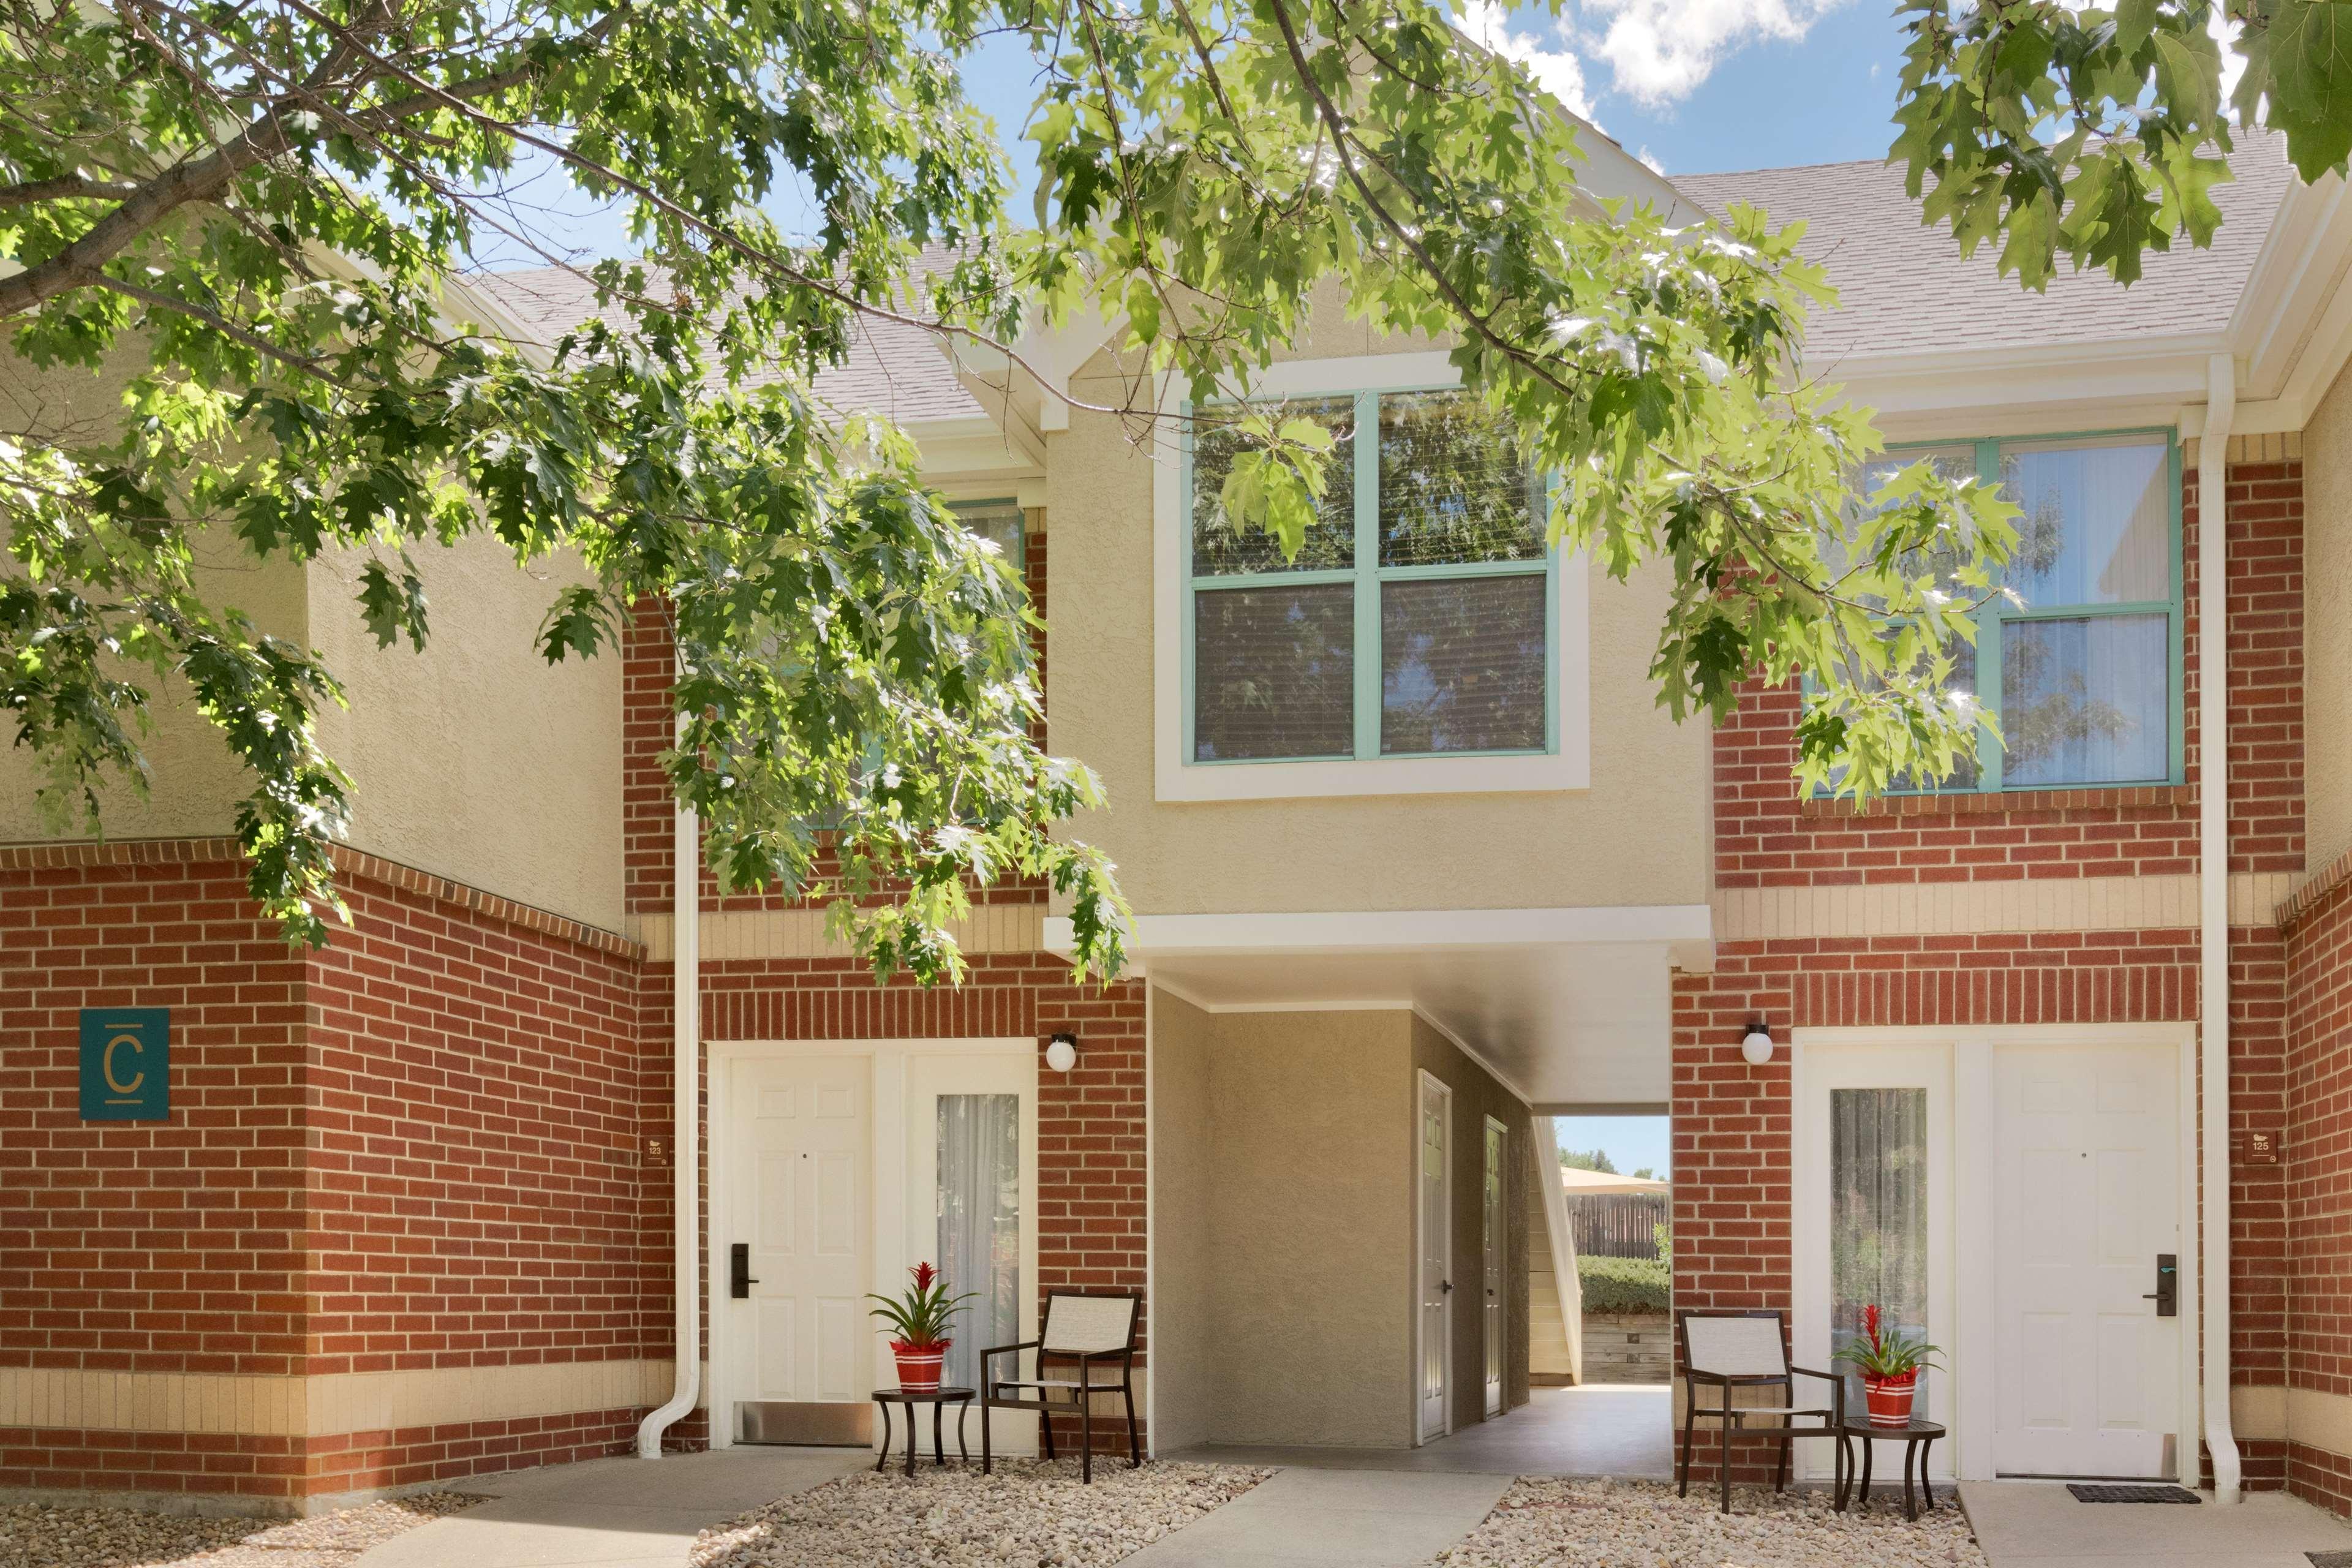 Homewood Suites by Hilton - Boulder image 1